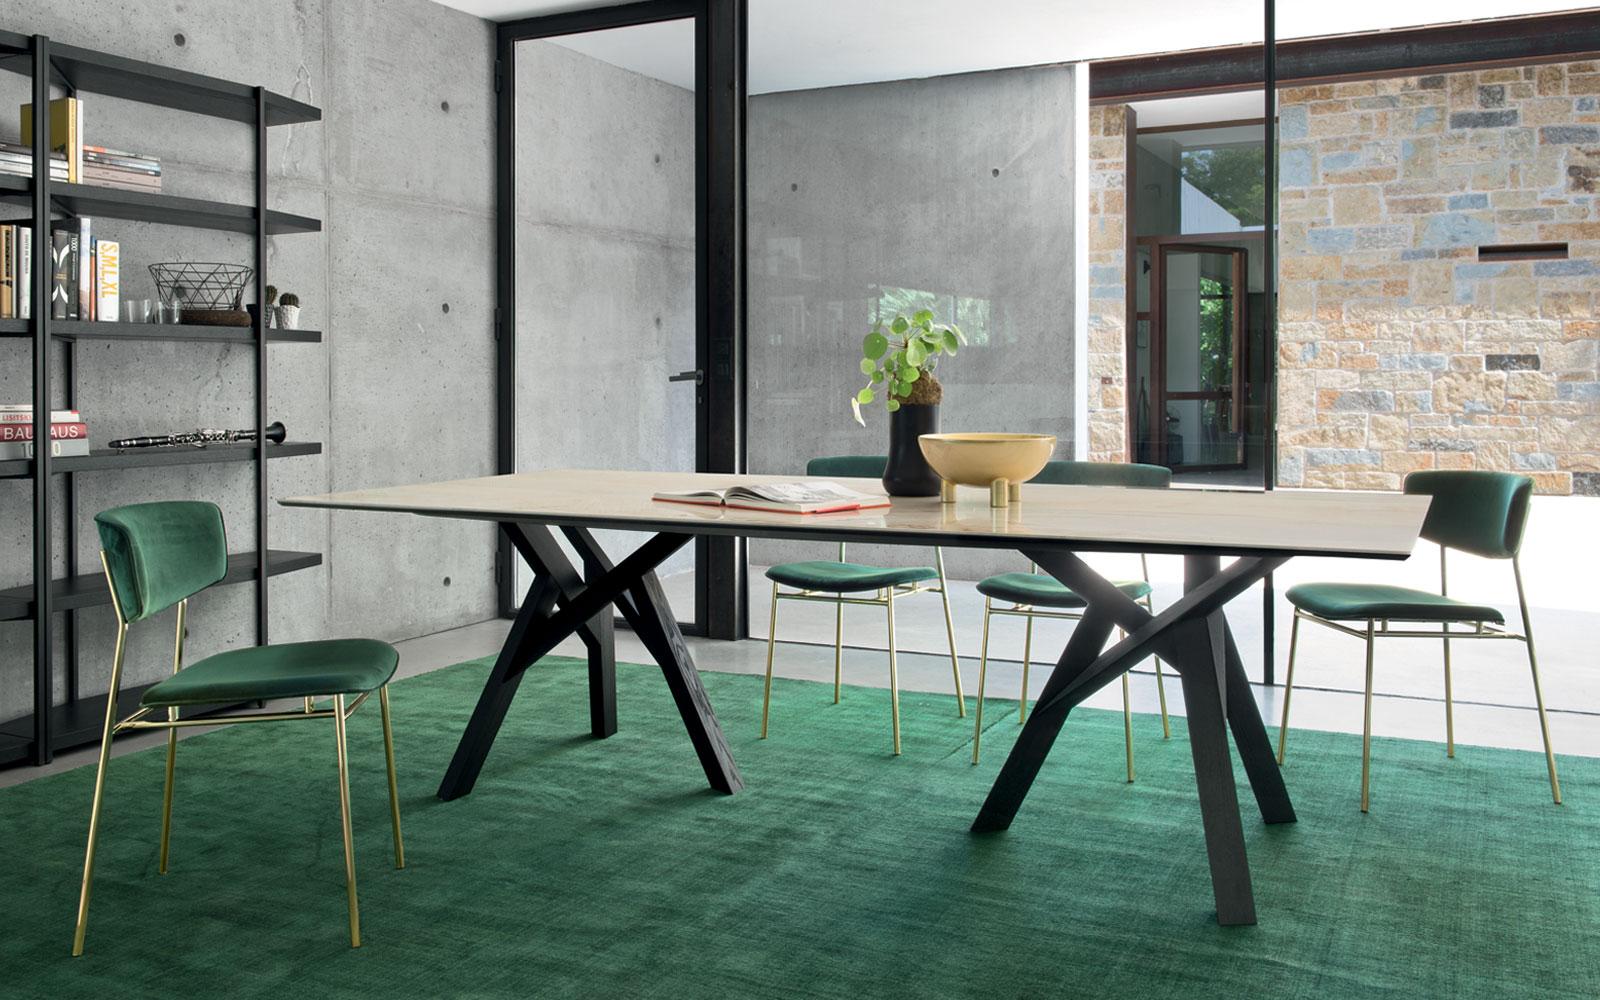 Arredare casa con il verde greenery arredobene for Casa design manzano